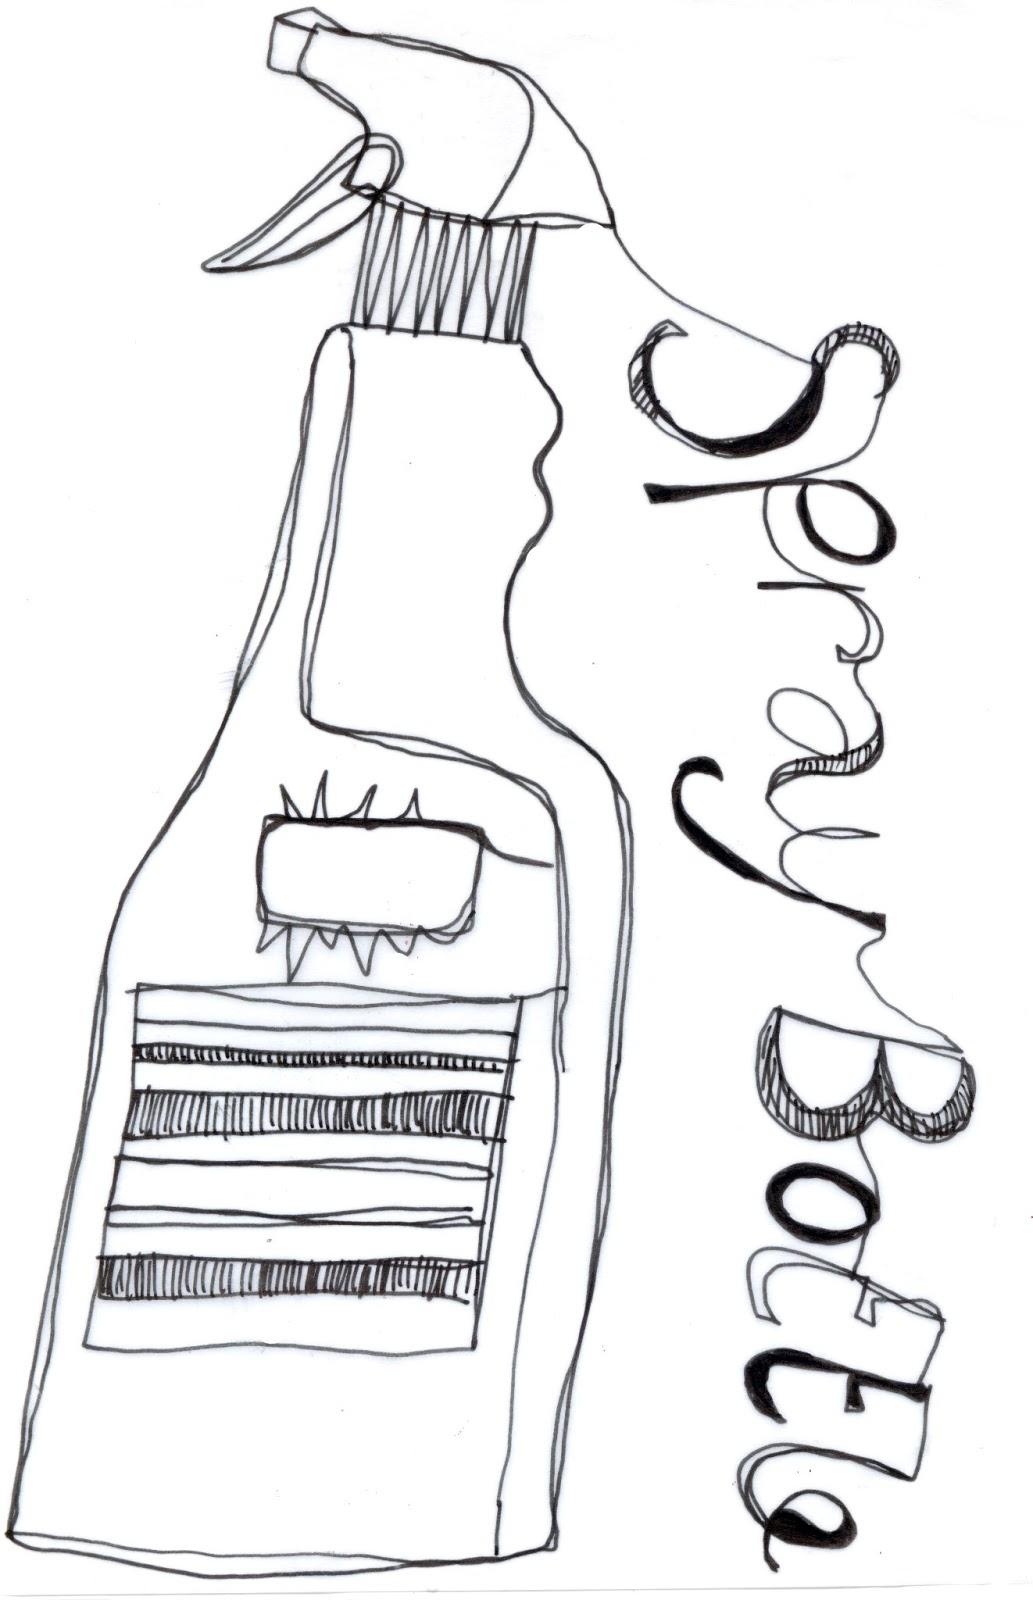 Formal Elements Line : Rachel carter graphic design illustration formal